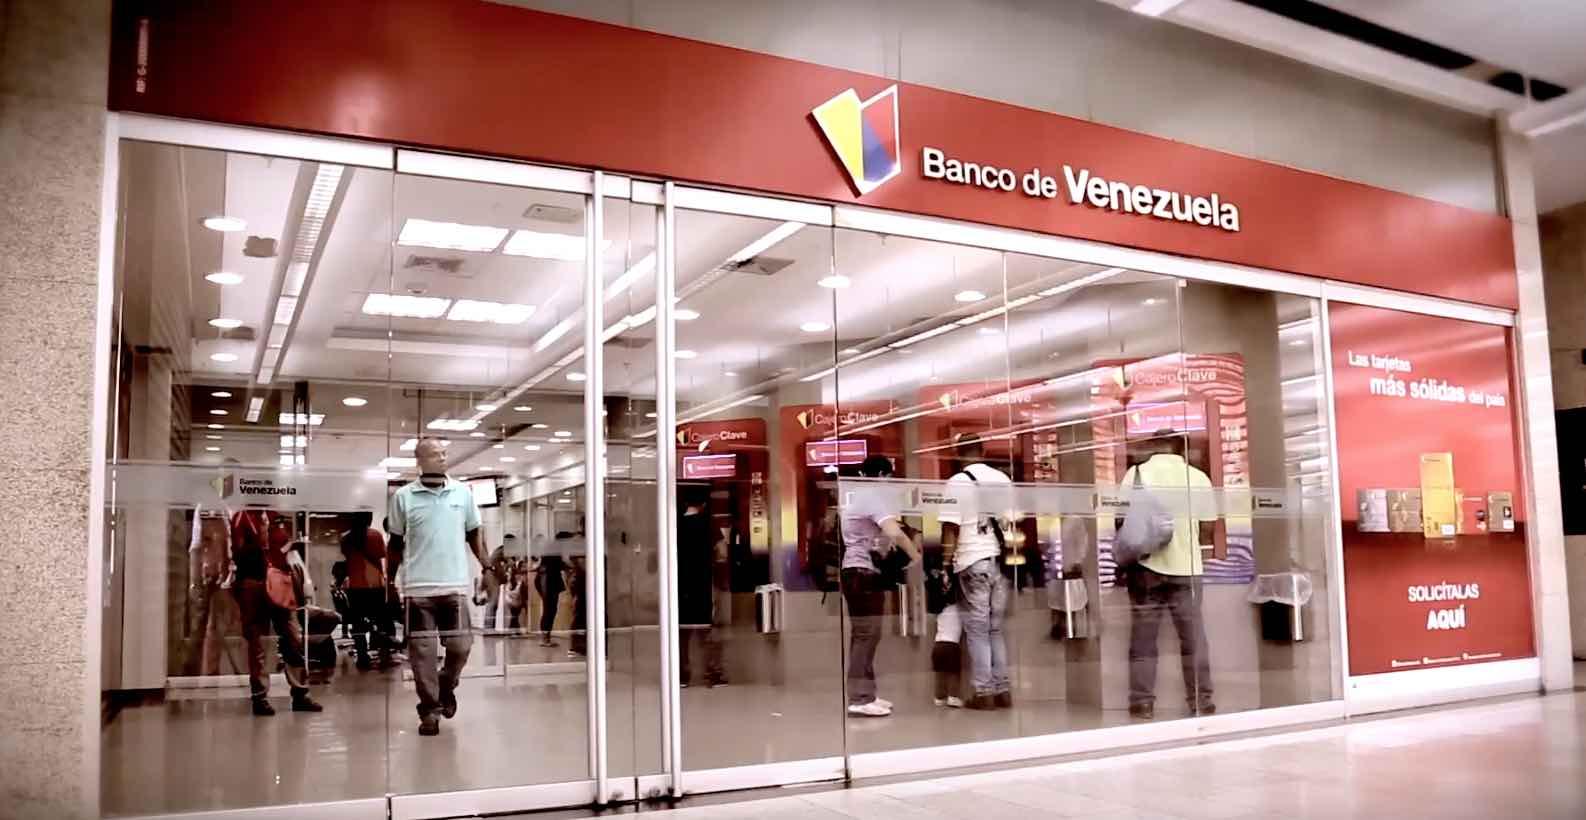 Banco de Venezuela restablece sus servicios tras ataque cibernético: reanuda 100% sus operaciones digitales